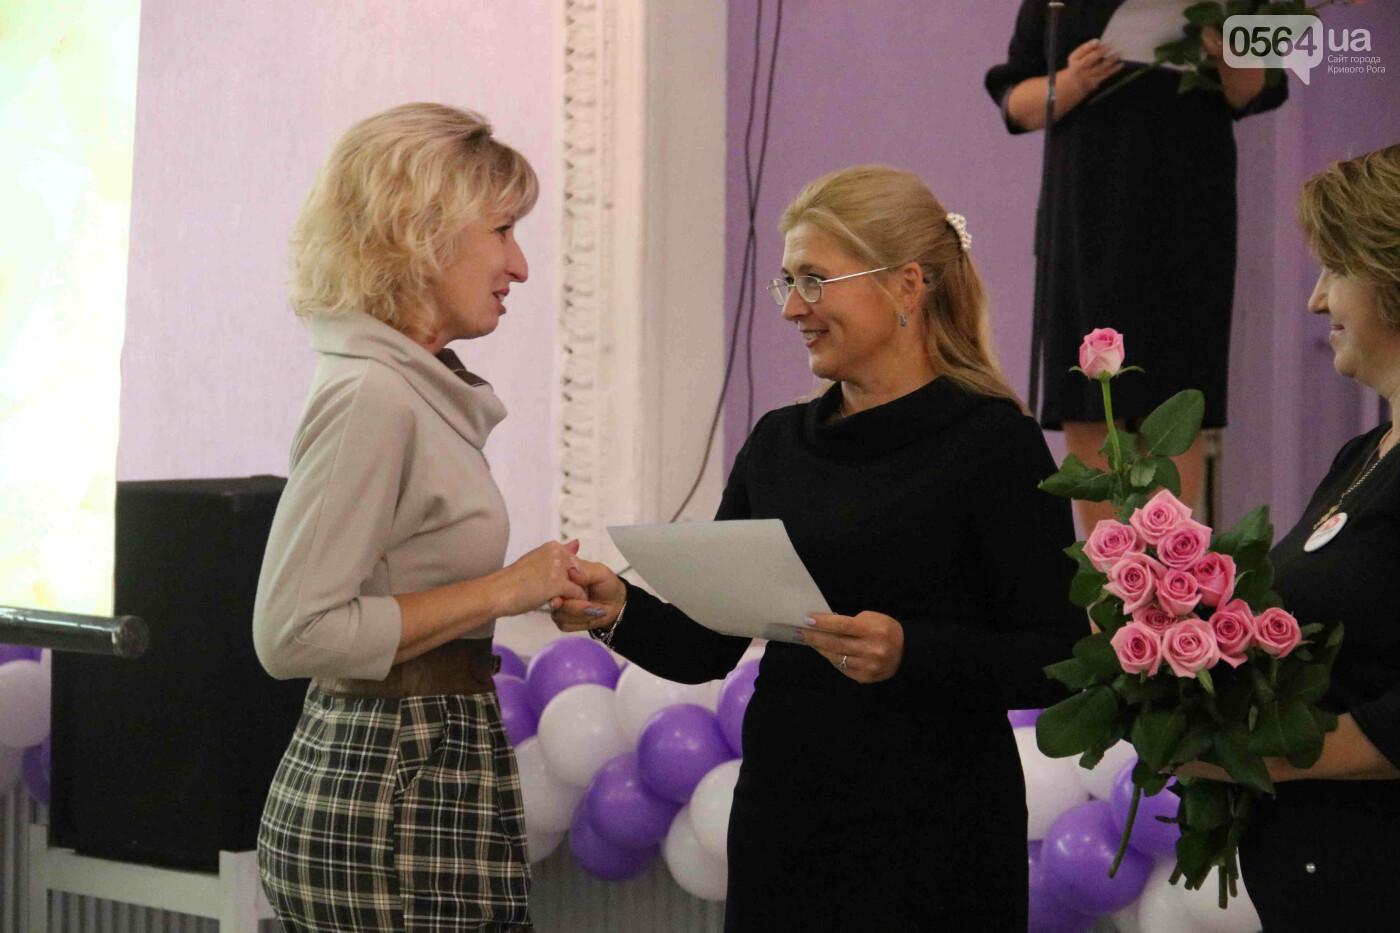 В Кривом Роге школа, где учился мэр Юрий Вилкул, отметила 100-летний юбилей, - ФОТО , фото-5